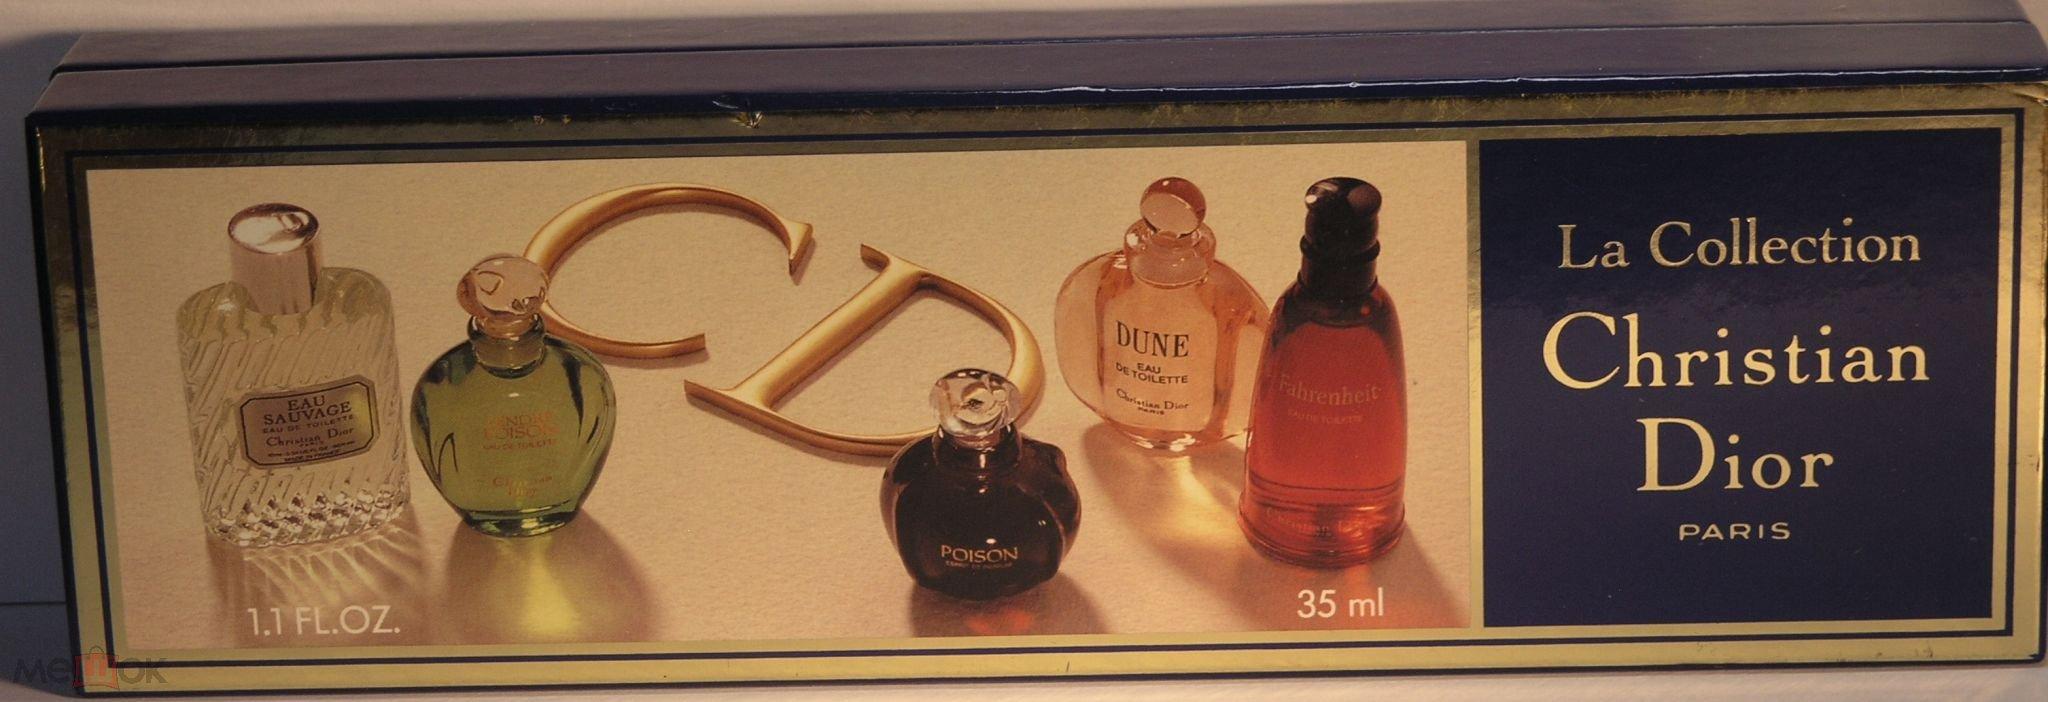 Аромат таинственности и роскоши  Christian Dior  Poison 5 мл ДУХИ  1993г.